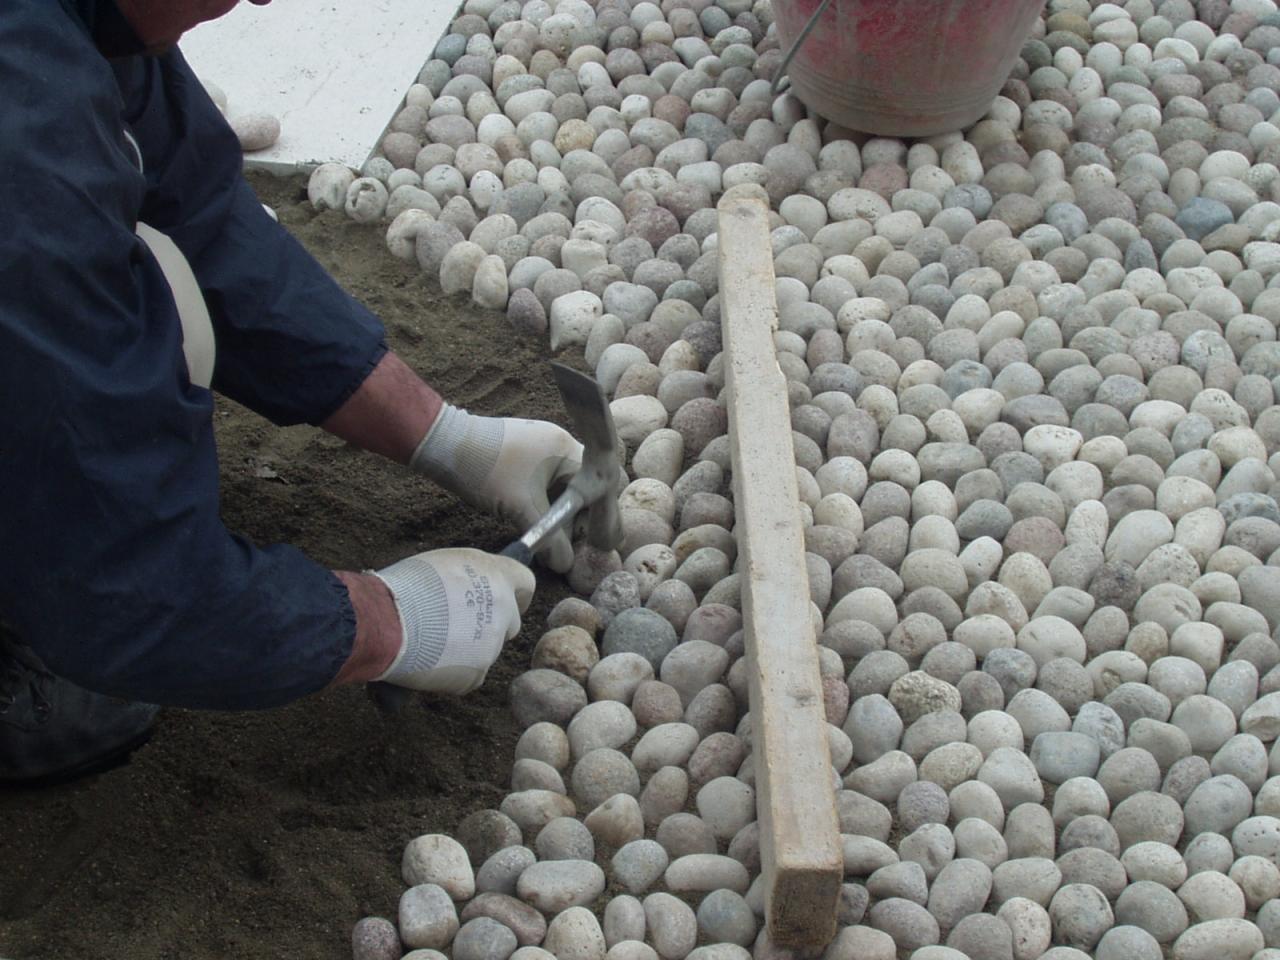 Ciottoli bianchi e pietra di prun fratelli pellizzari for Ciottoli bianchi